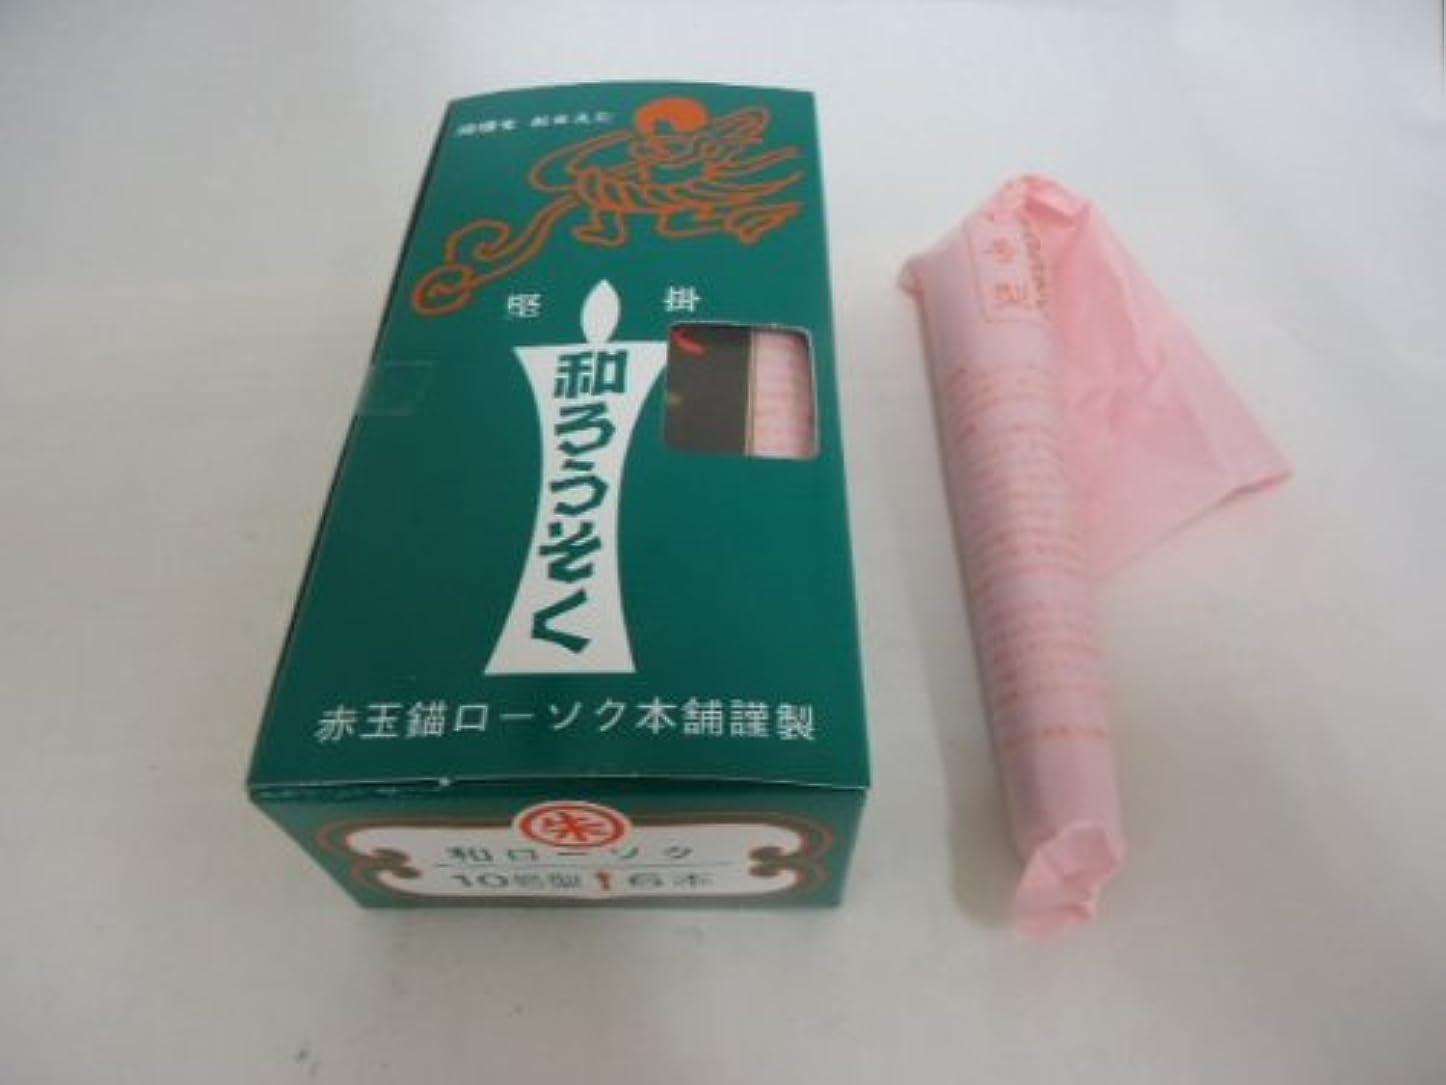 和ろうそく 型和蝋燭 ローソク【朱】 イカリ 10号 朱色 6本入り 約15.5センチ 約3時間20分燃焼